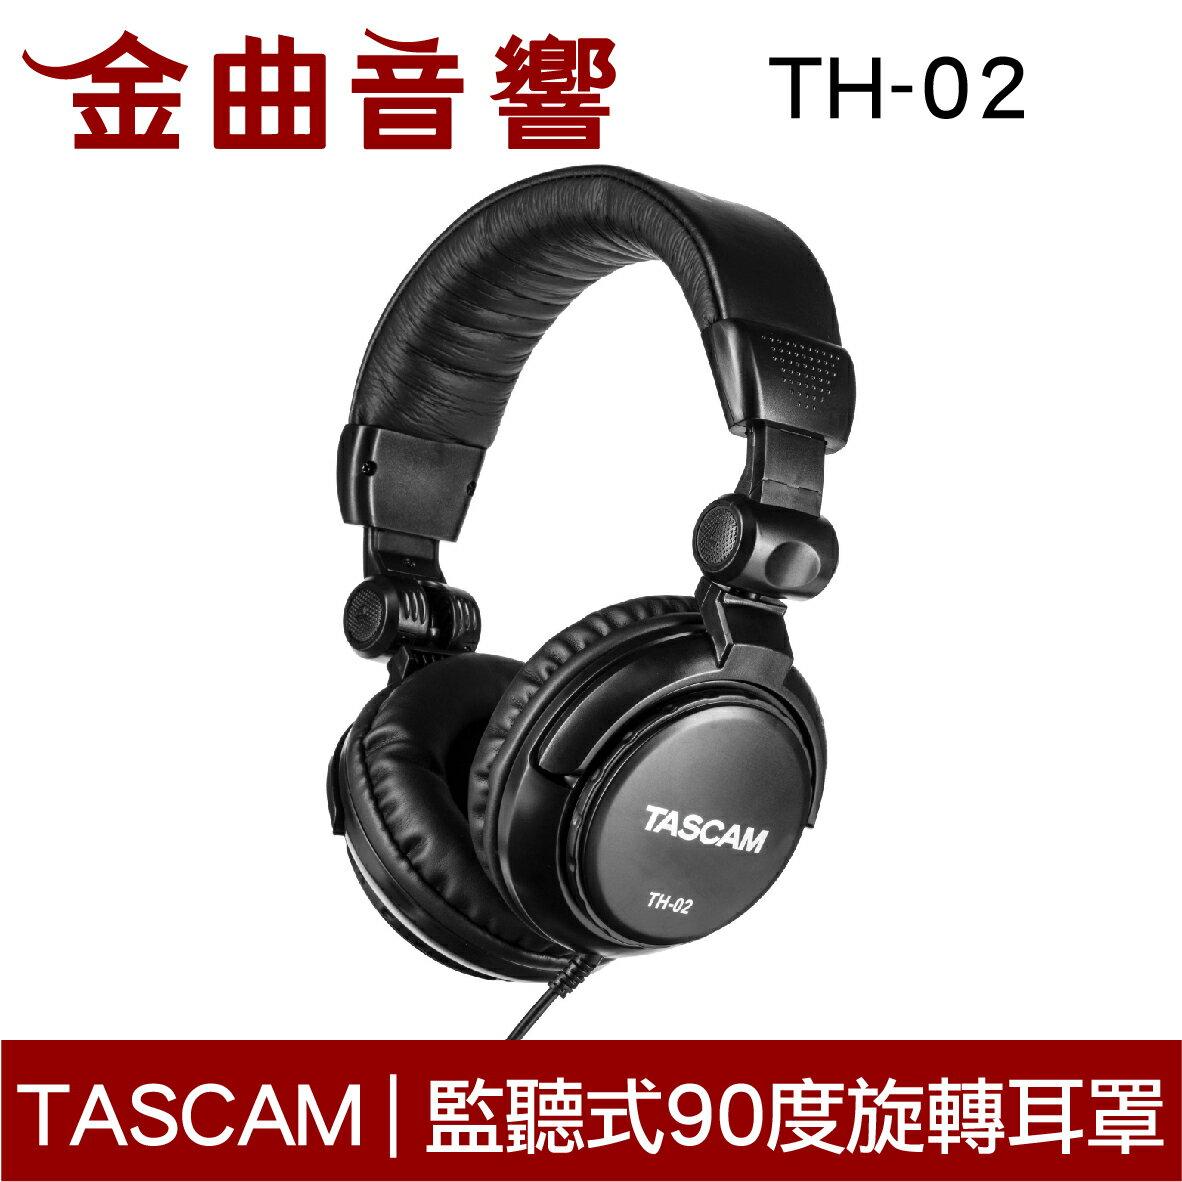 TASCAM TH-02 專業監聽耳機 【媲美 SONY MDR-7506/TH02】 | 金曲音響